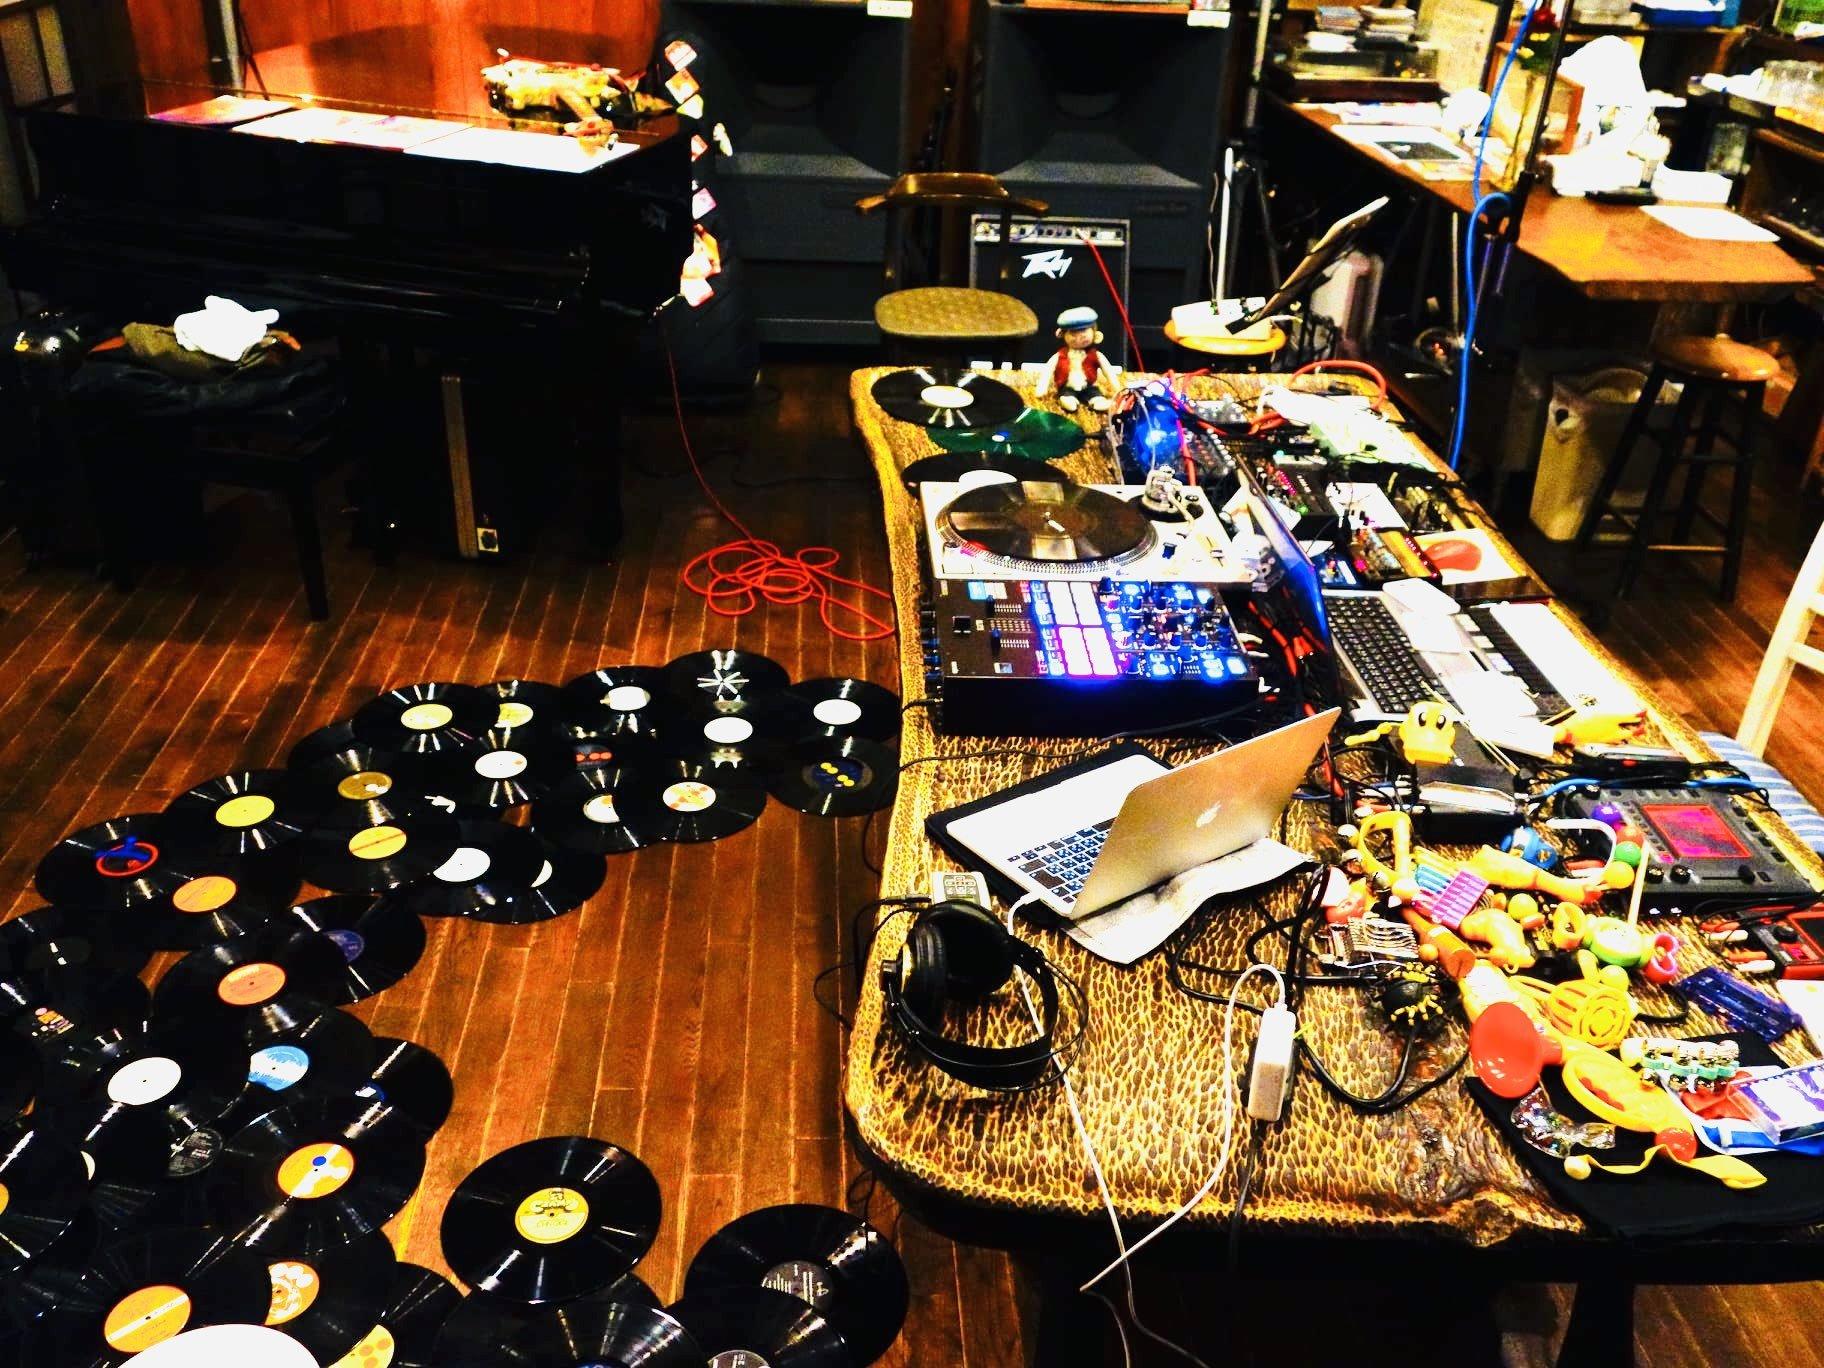 """10/30(土) 『鳴らした場合 at 山猫軒」やります! """"加藤一平(Guitar)、Yuki Kaneko(Electronics、Tape、Toys)、村田直哉(Turntable)""""_e0204744_00231408.jpg"""